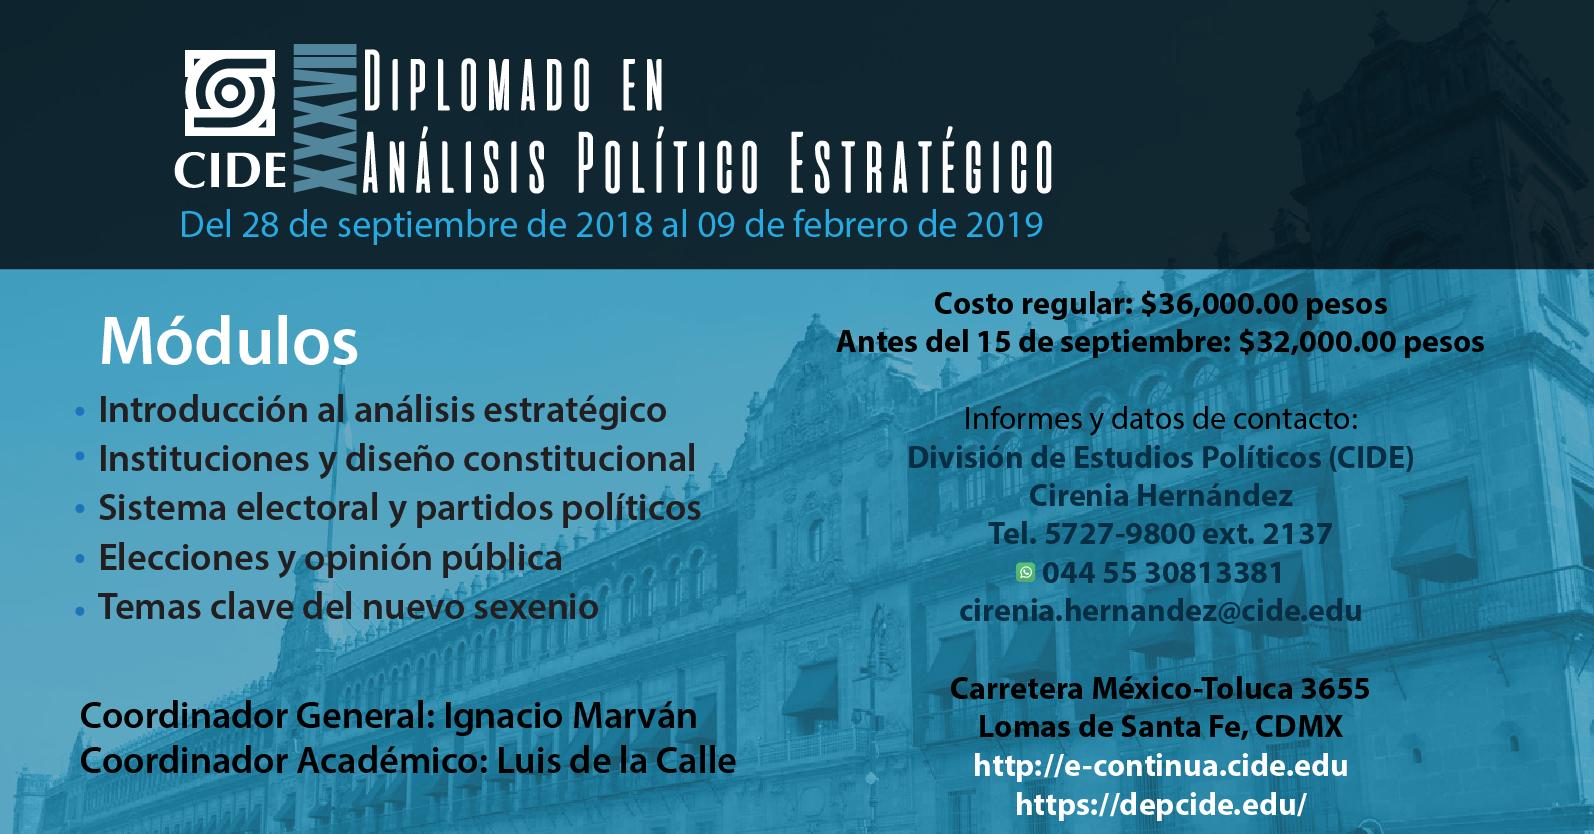 Diplomado «Análisis Político Estratégico»